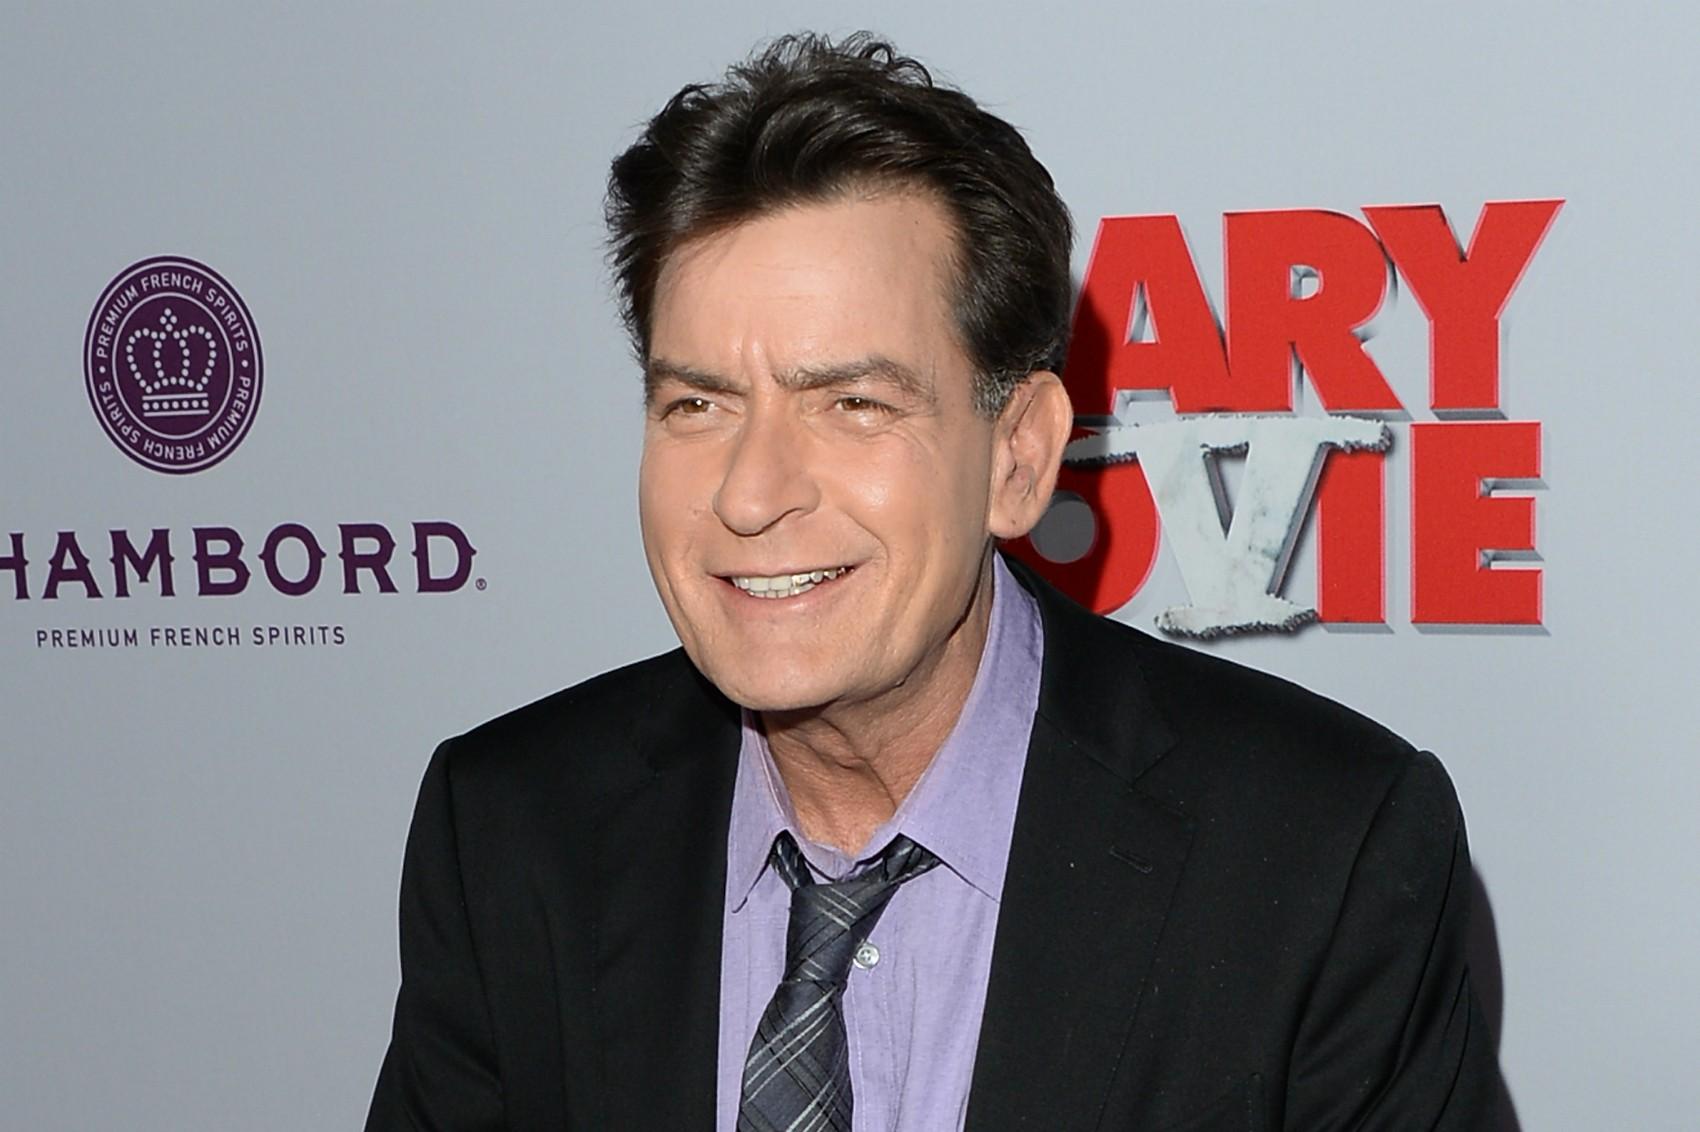 Charlie Sheen continua negando, porém o fato é que ele foi pego em flagrante com uma assistente quando ainda era casado com a atriz Denise Richards, de quem se divorciou em 2006. (Foto: Getty Images)